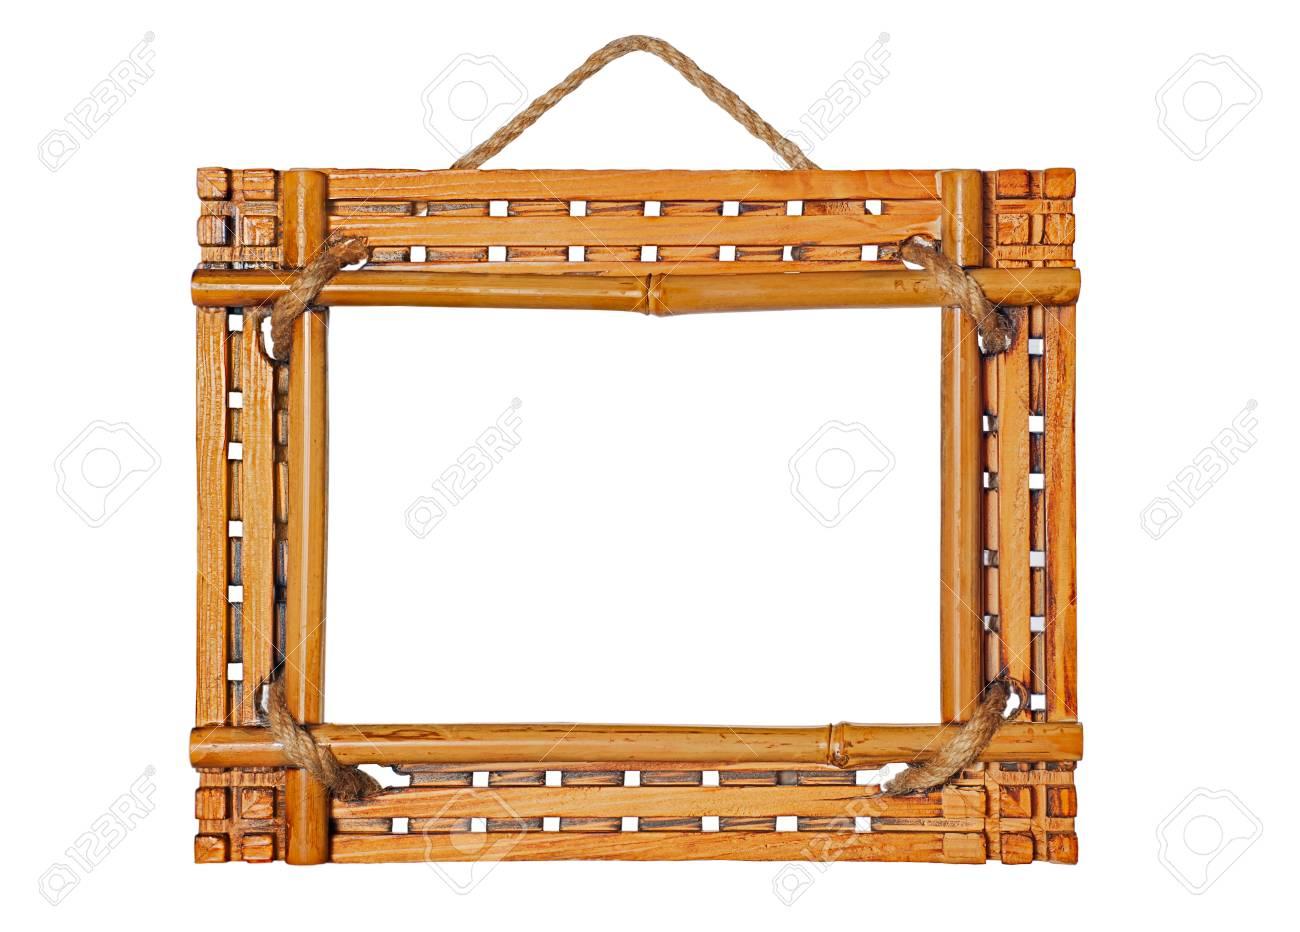 Bambus-Bilderrahmen Isoliert Auf Weißem Hintergrund Lizenzfreie ...